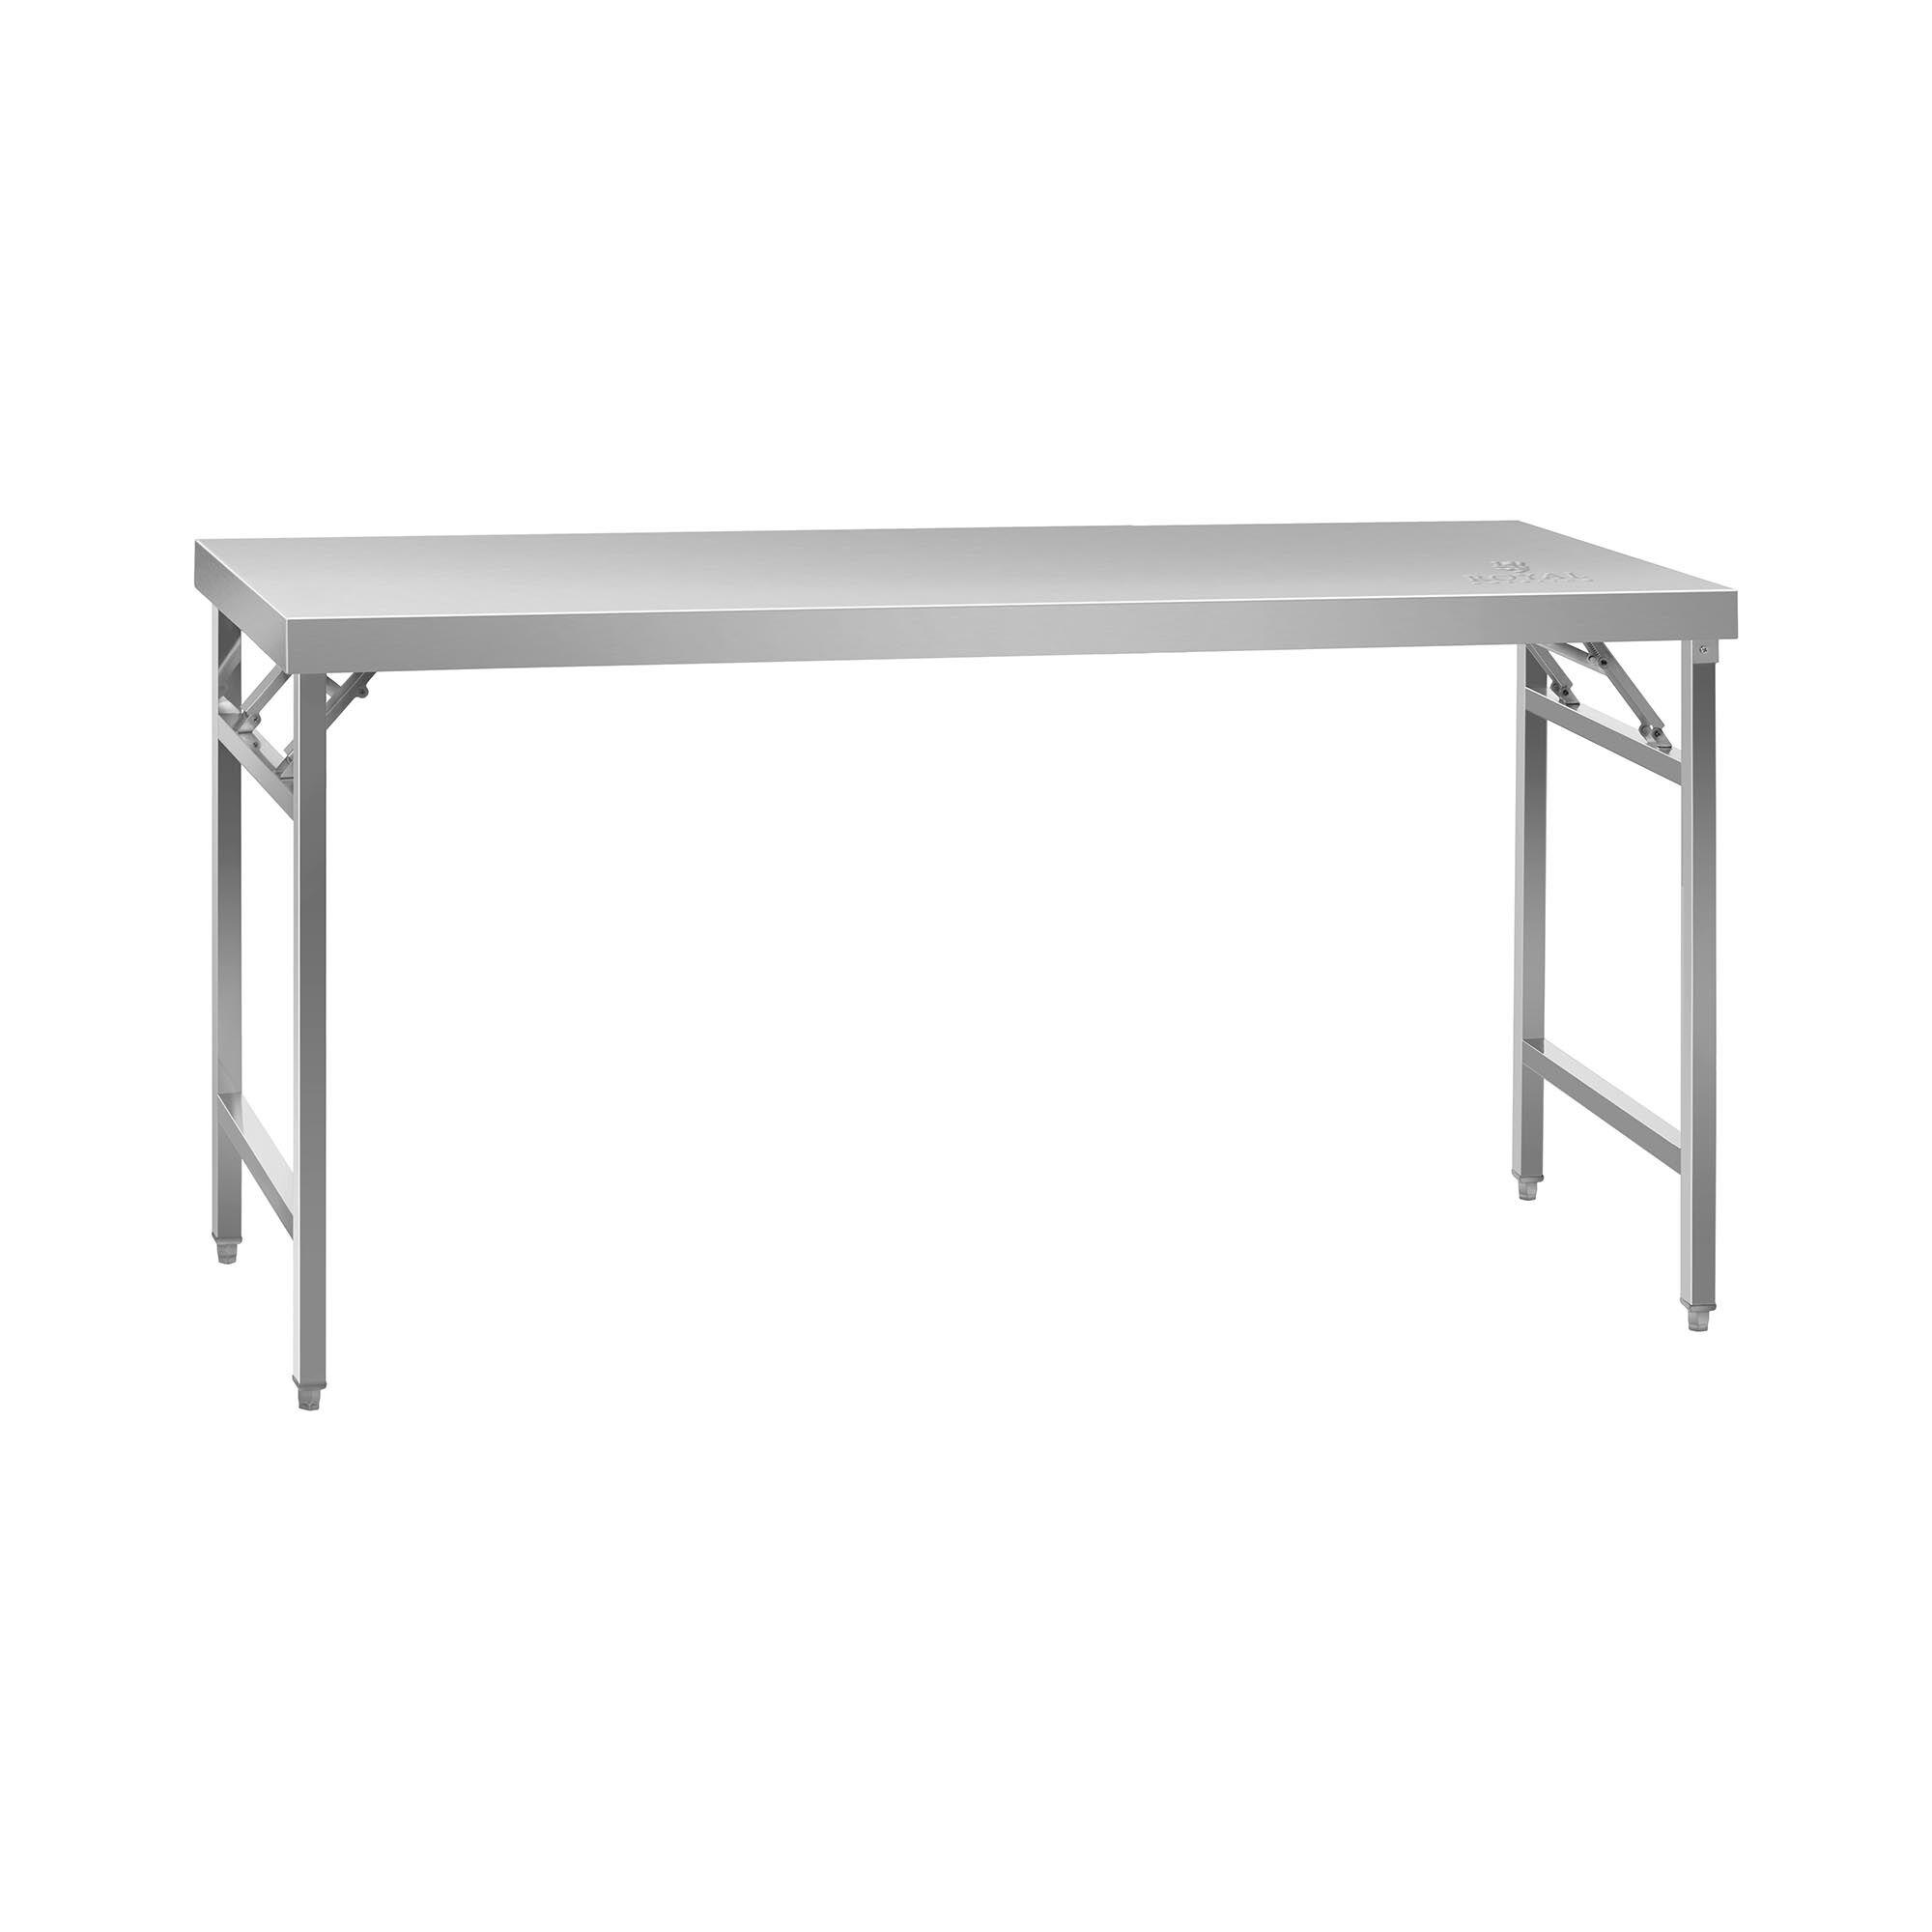 Royal Catering Sammenleggbart arbeidsbord - 60 x 180 cm - 230 kg bæreevne